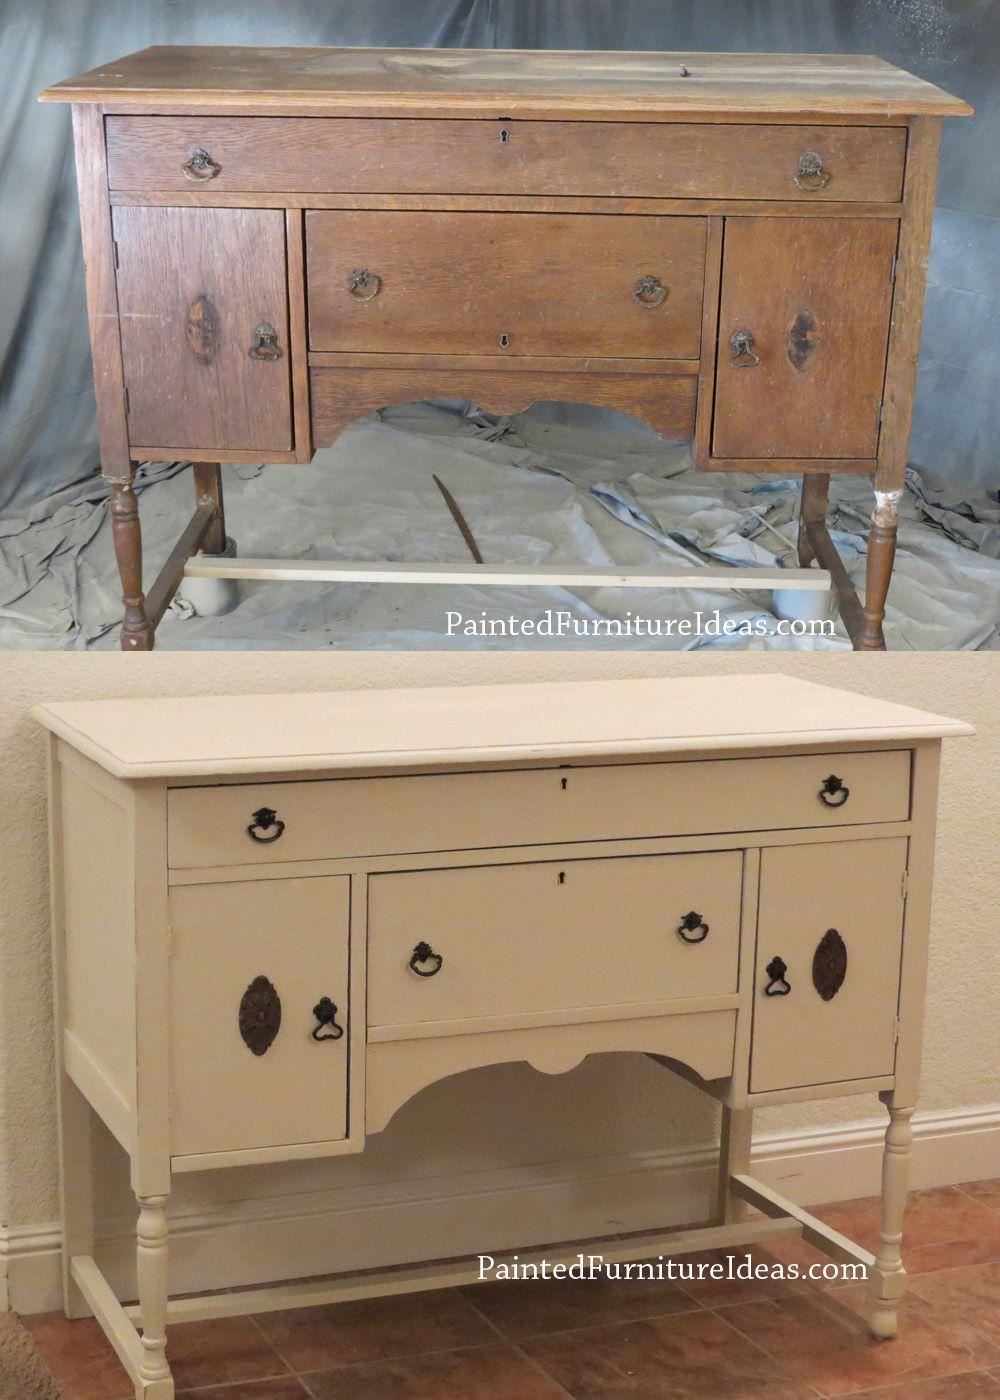 About us bricolage id es d co pinterest mobilier de - Retaper un meuble ...